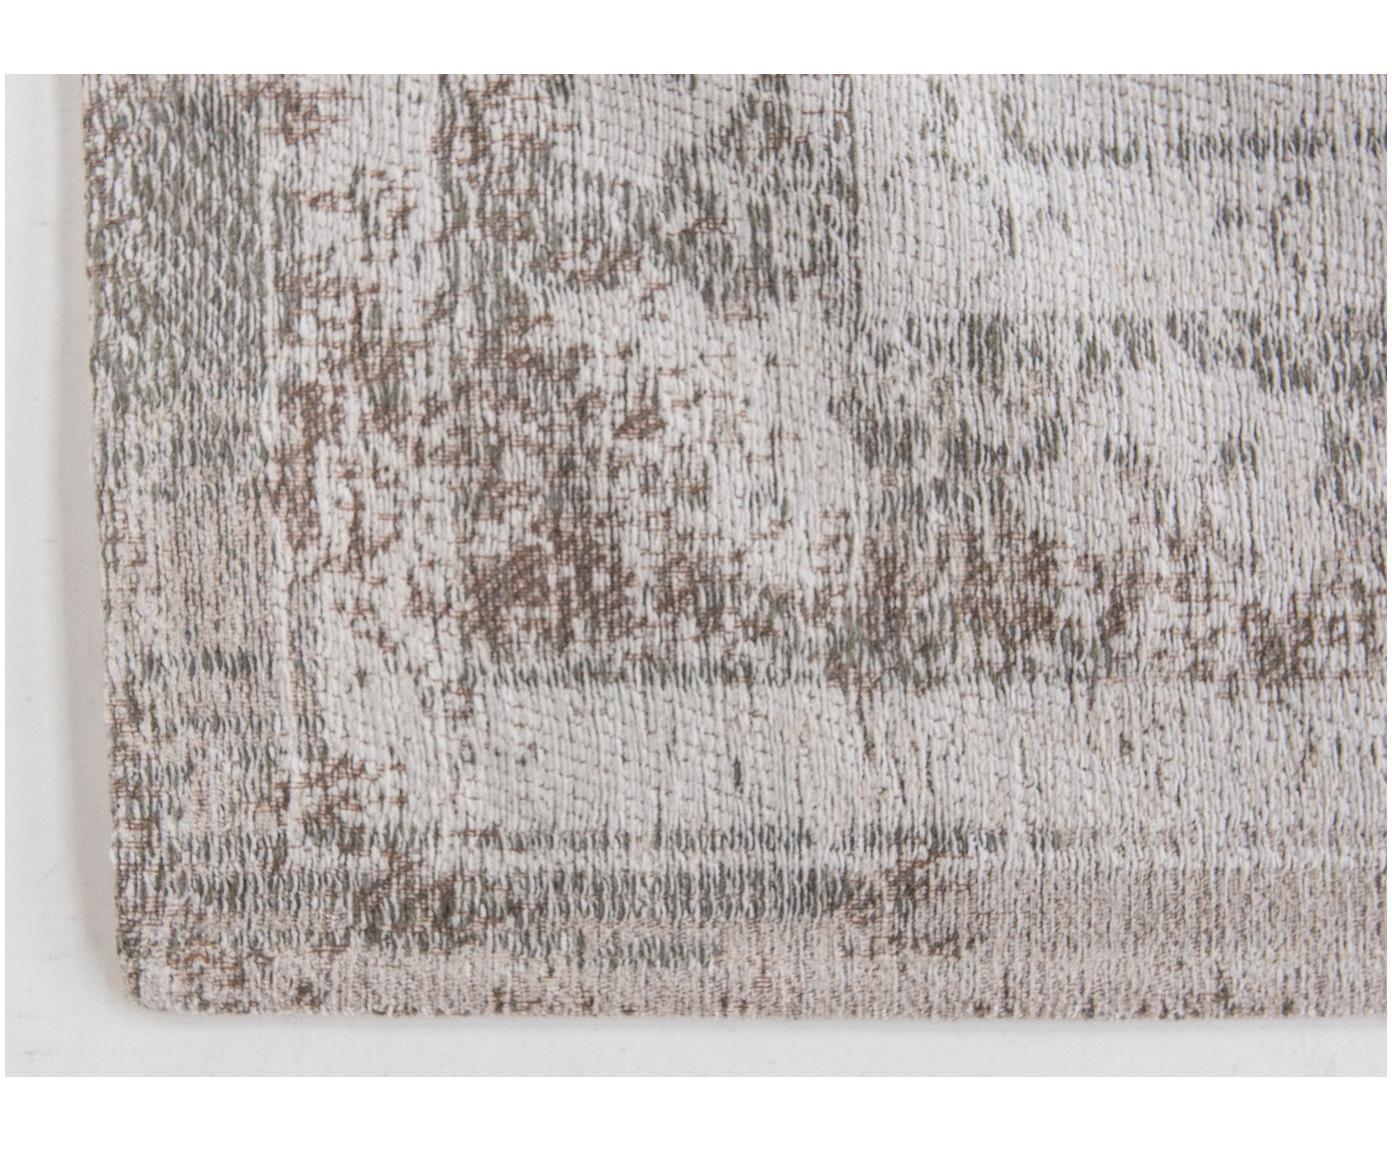 Vintage chenille vloerkleed Medaillon, Bovenzijde: chenille (katoen), Weeftechniek: jacquard, Onderzijde: chenille, gecoat met late, Lichtgrijs, bruin, B 140 x L 200 cm (maat S)